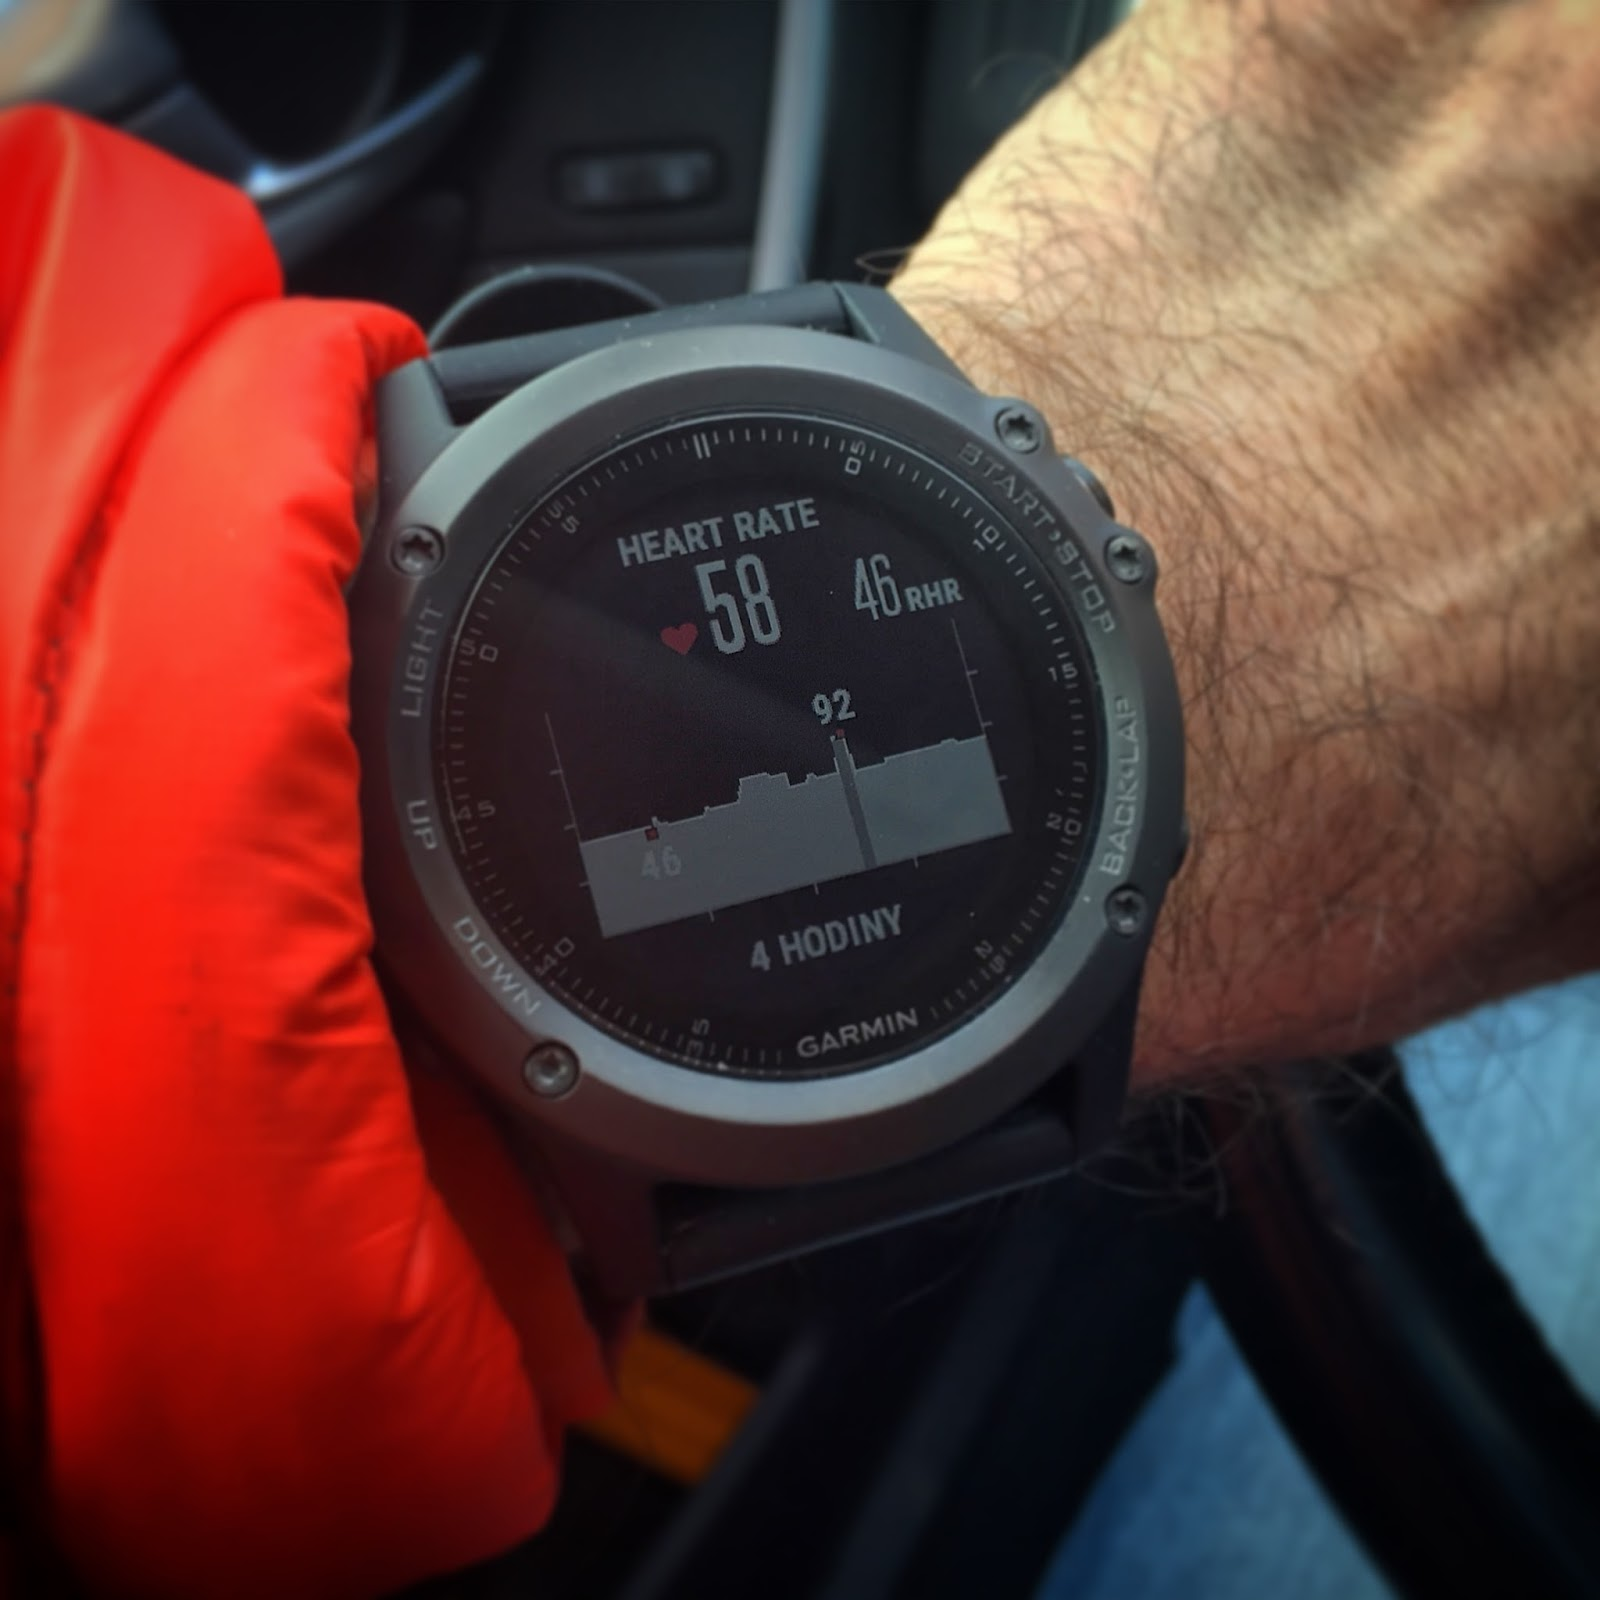 bc3f41409 Garmin Fénix 3 HR – jak se běhá bez tepáku? | Běhej srdcem